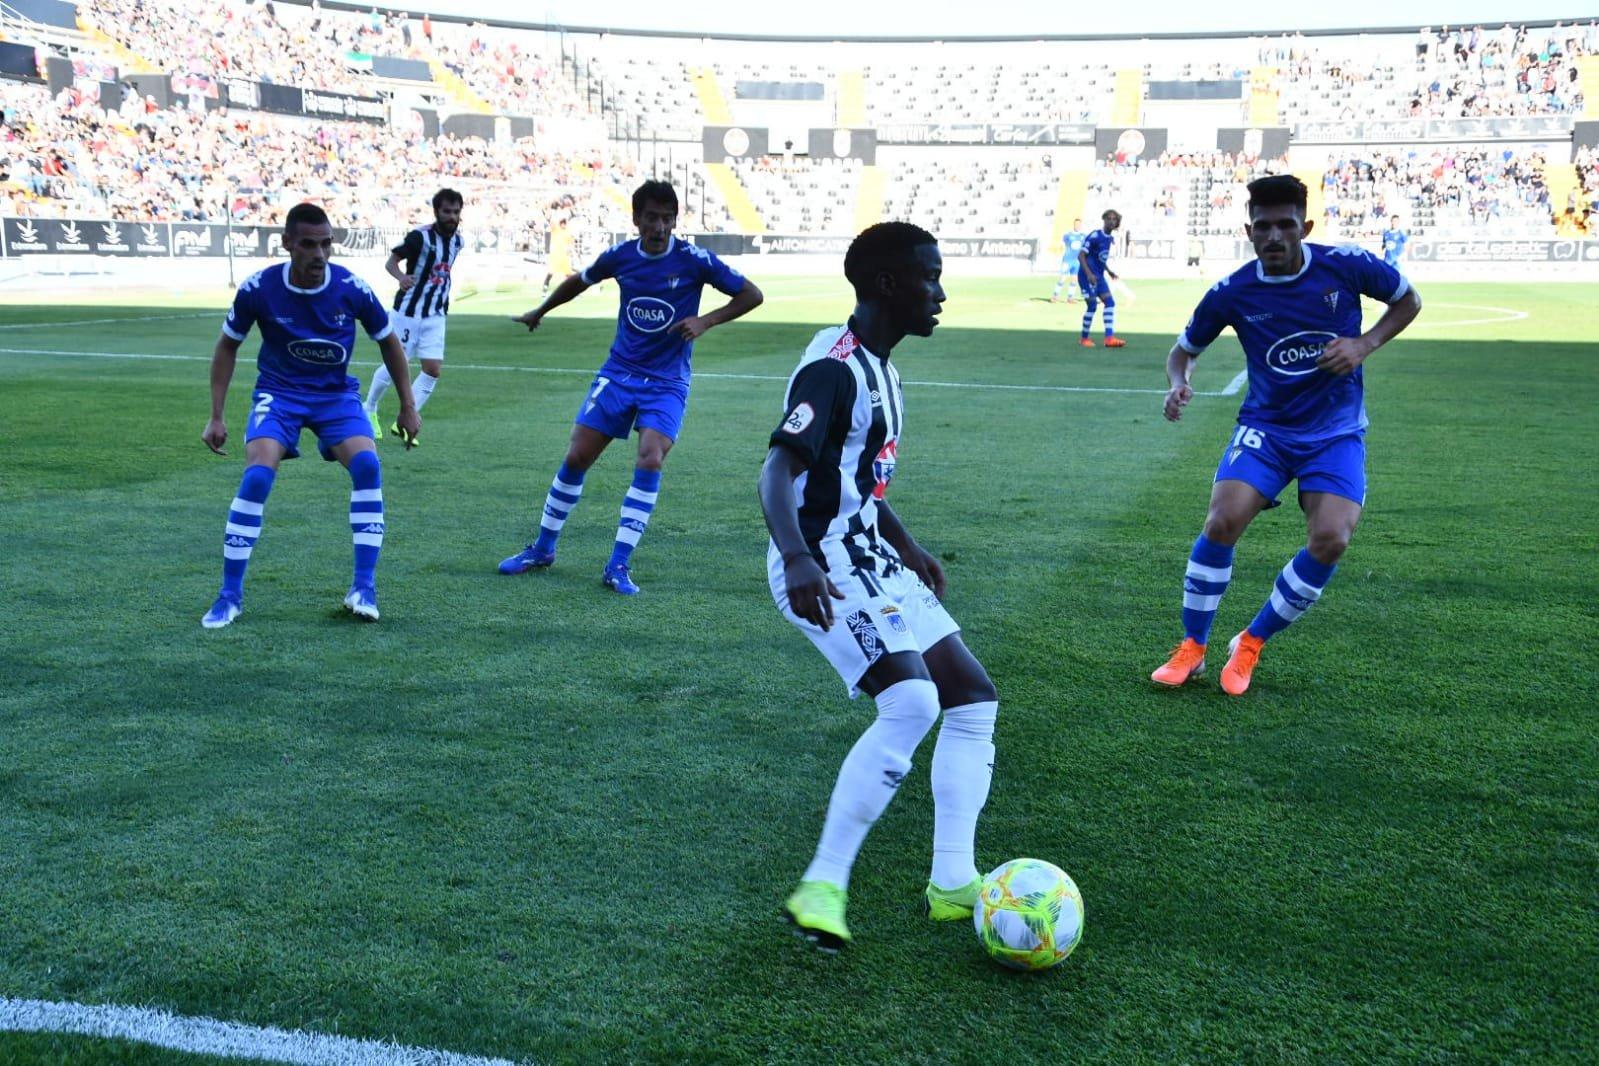 Adilson rodeado de jugadores del San Fernando en el Nuevo Vivero